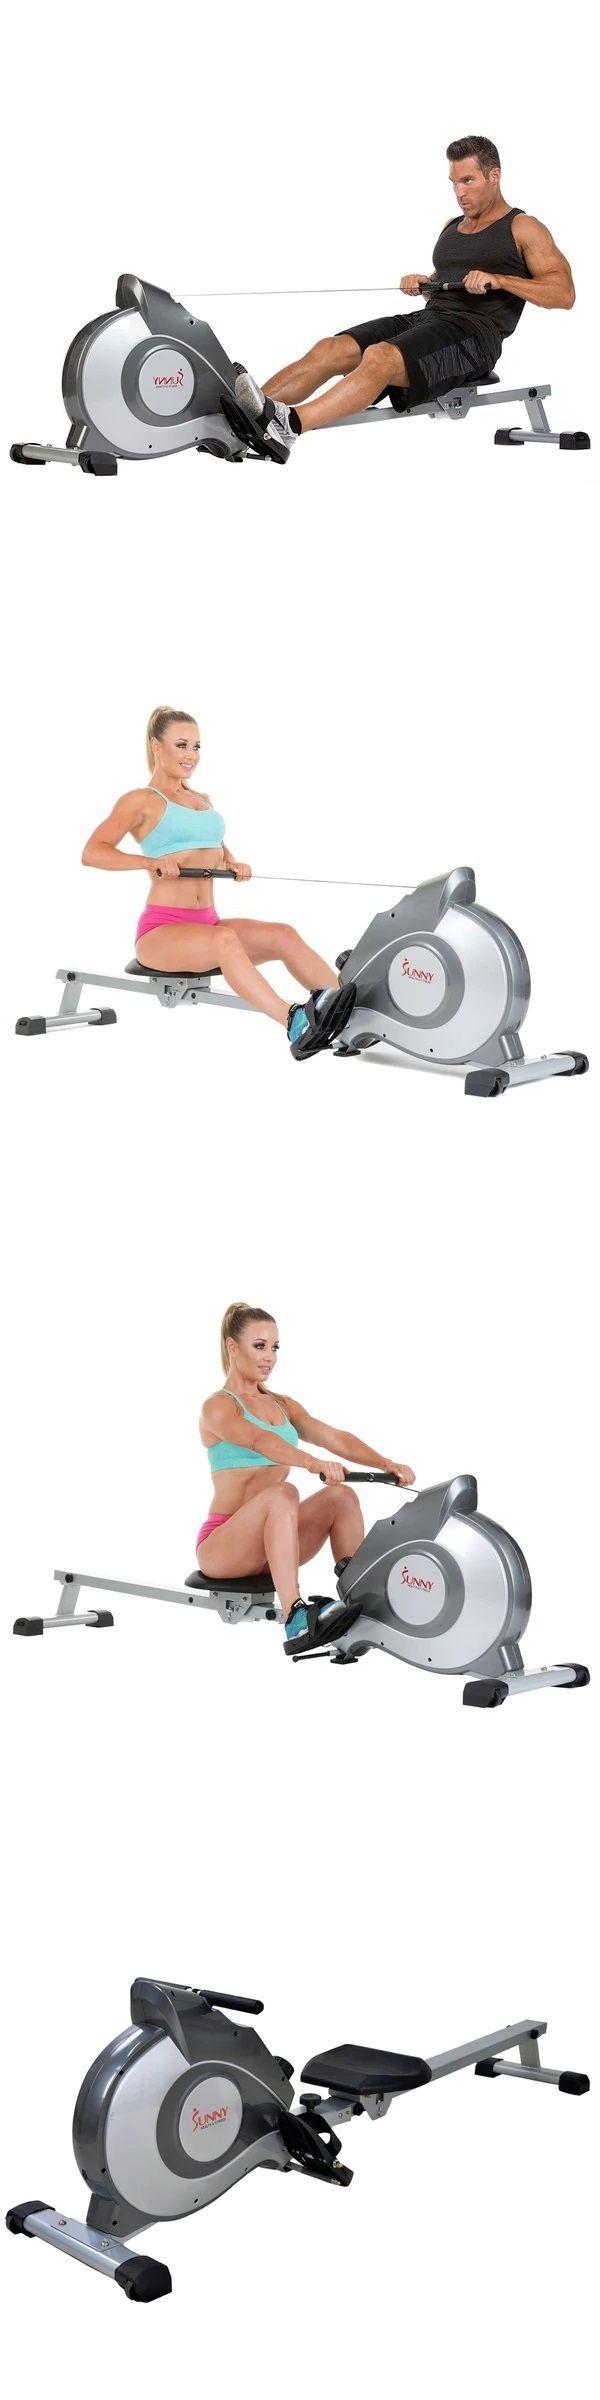 best erg rowing machine